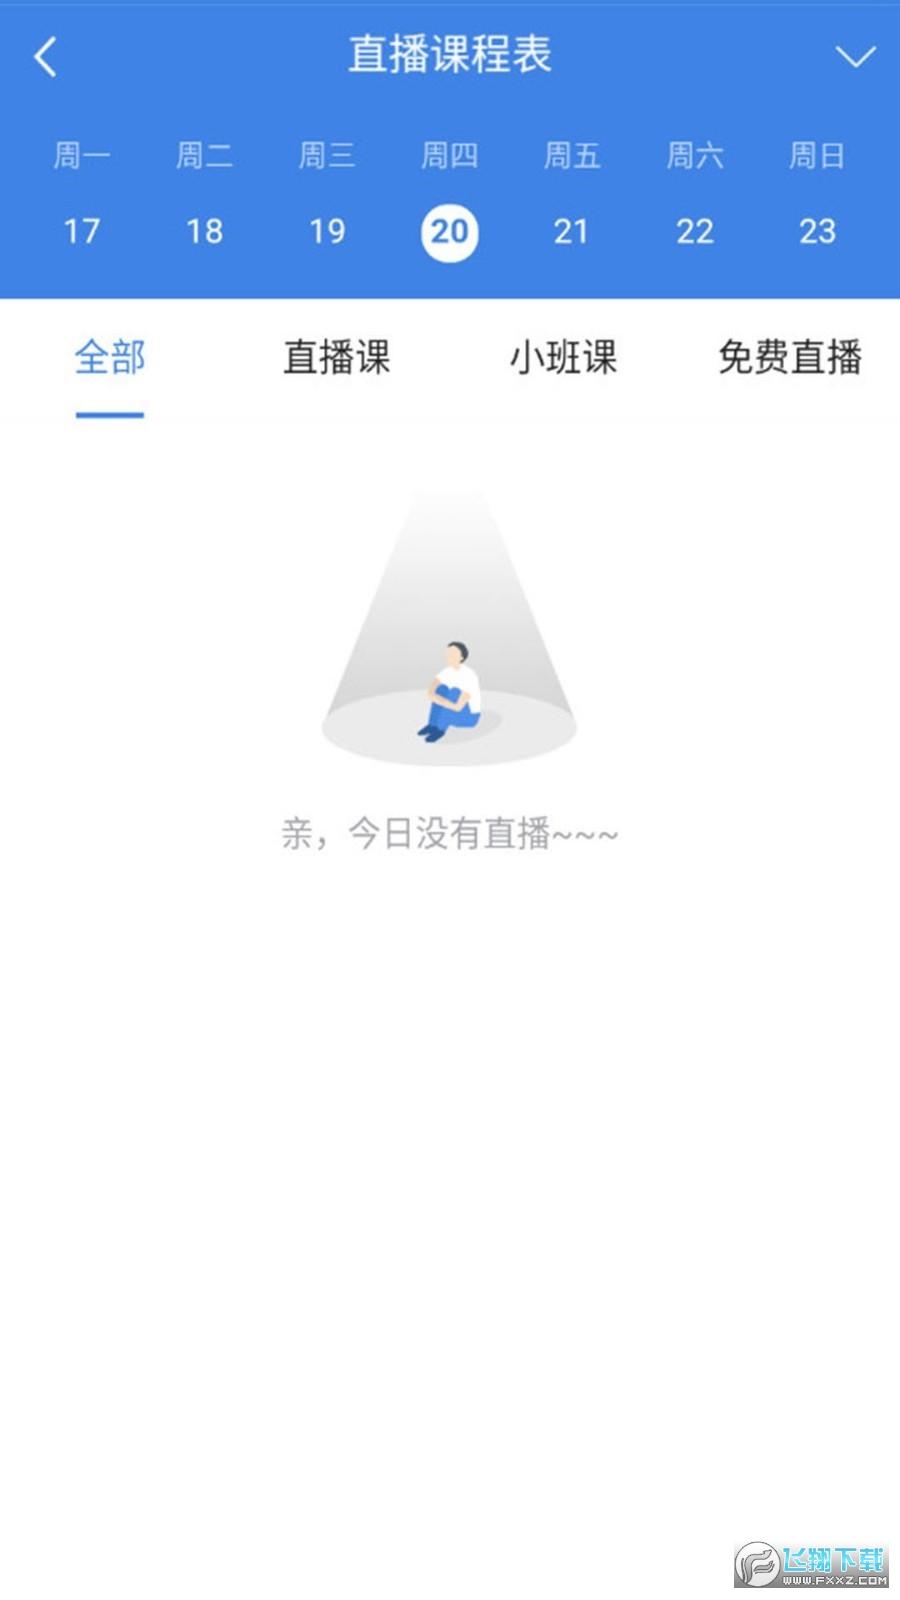 仟叶在线教育app客户端1.0.6最新版截图2